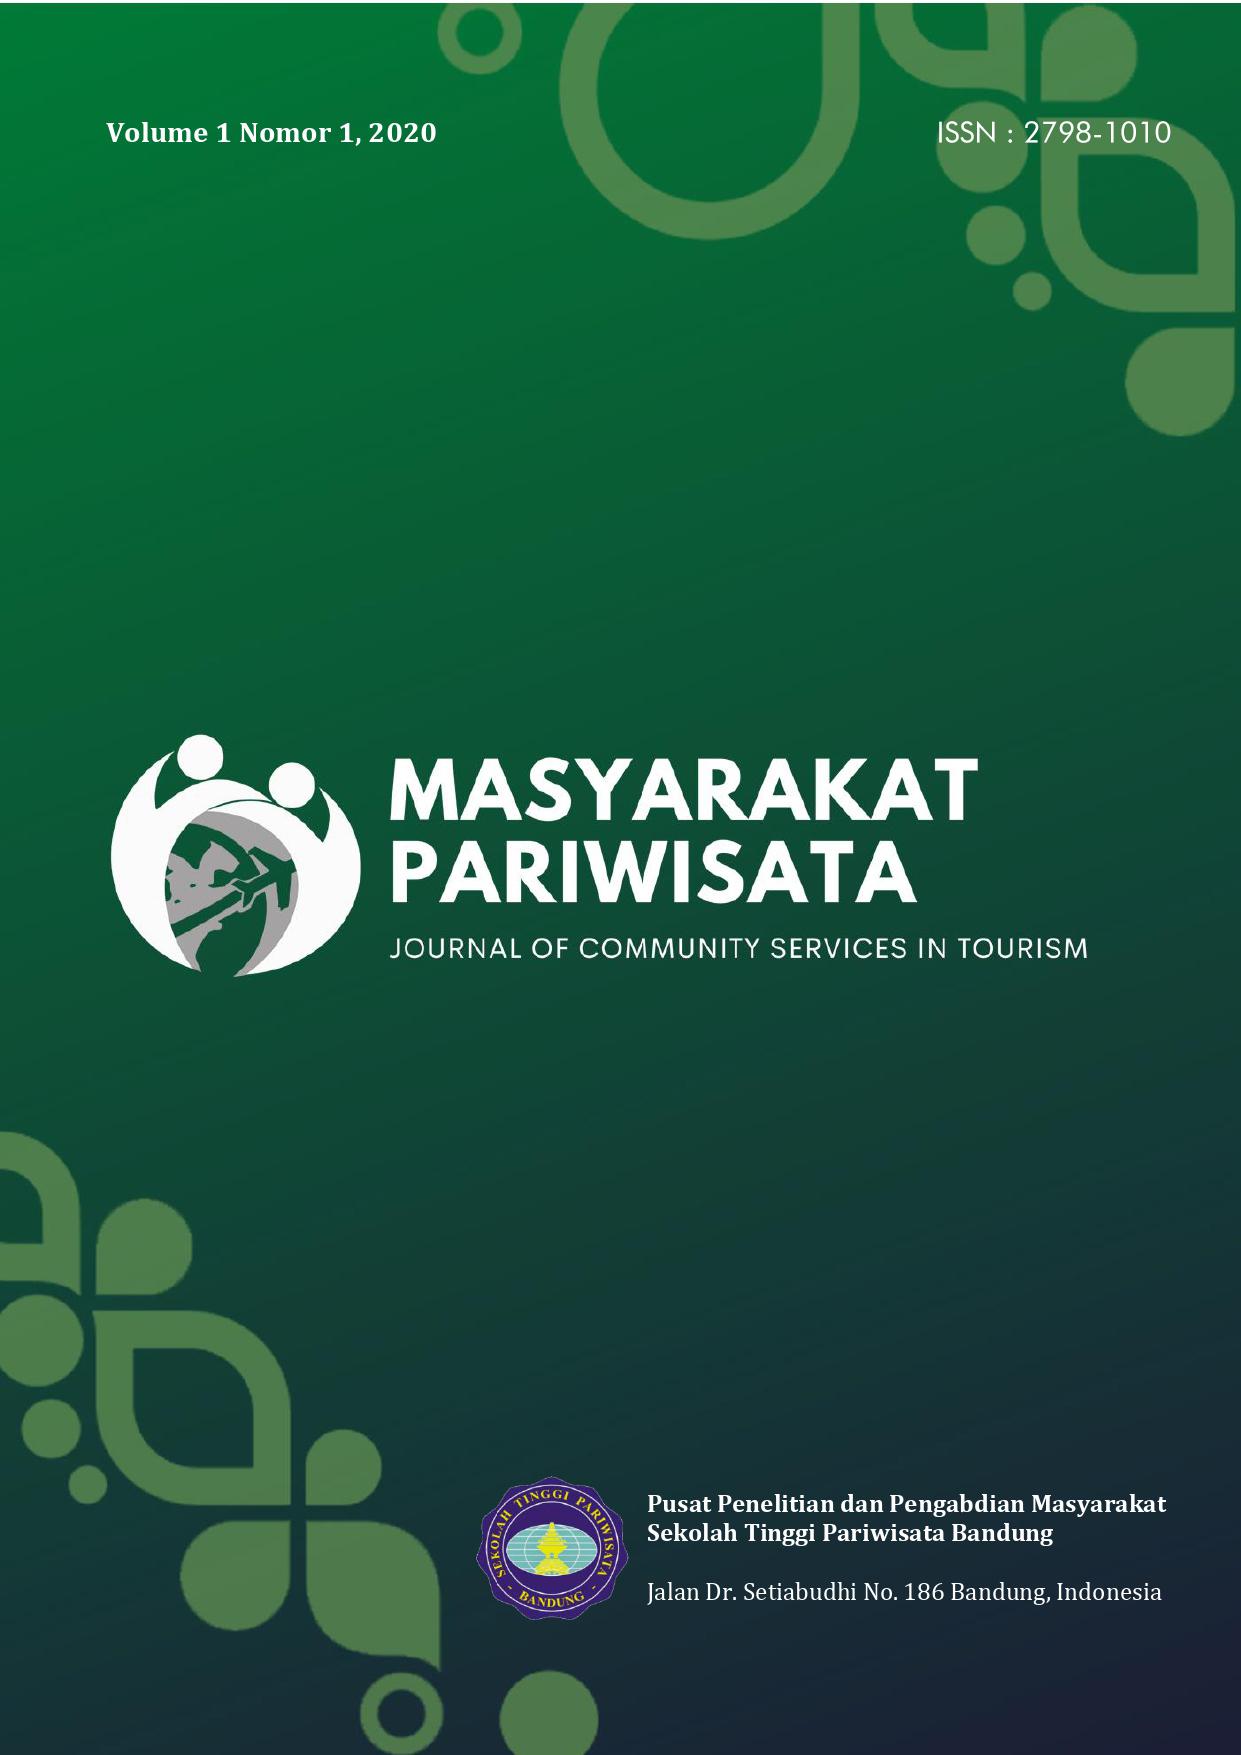 Masyarakat Pariwisata: Journal of Community Services in Tourism